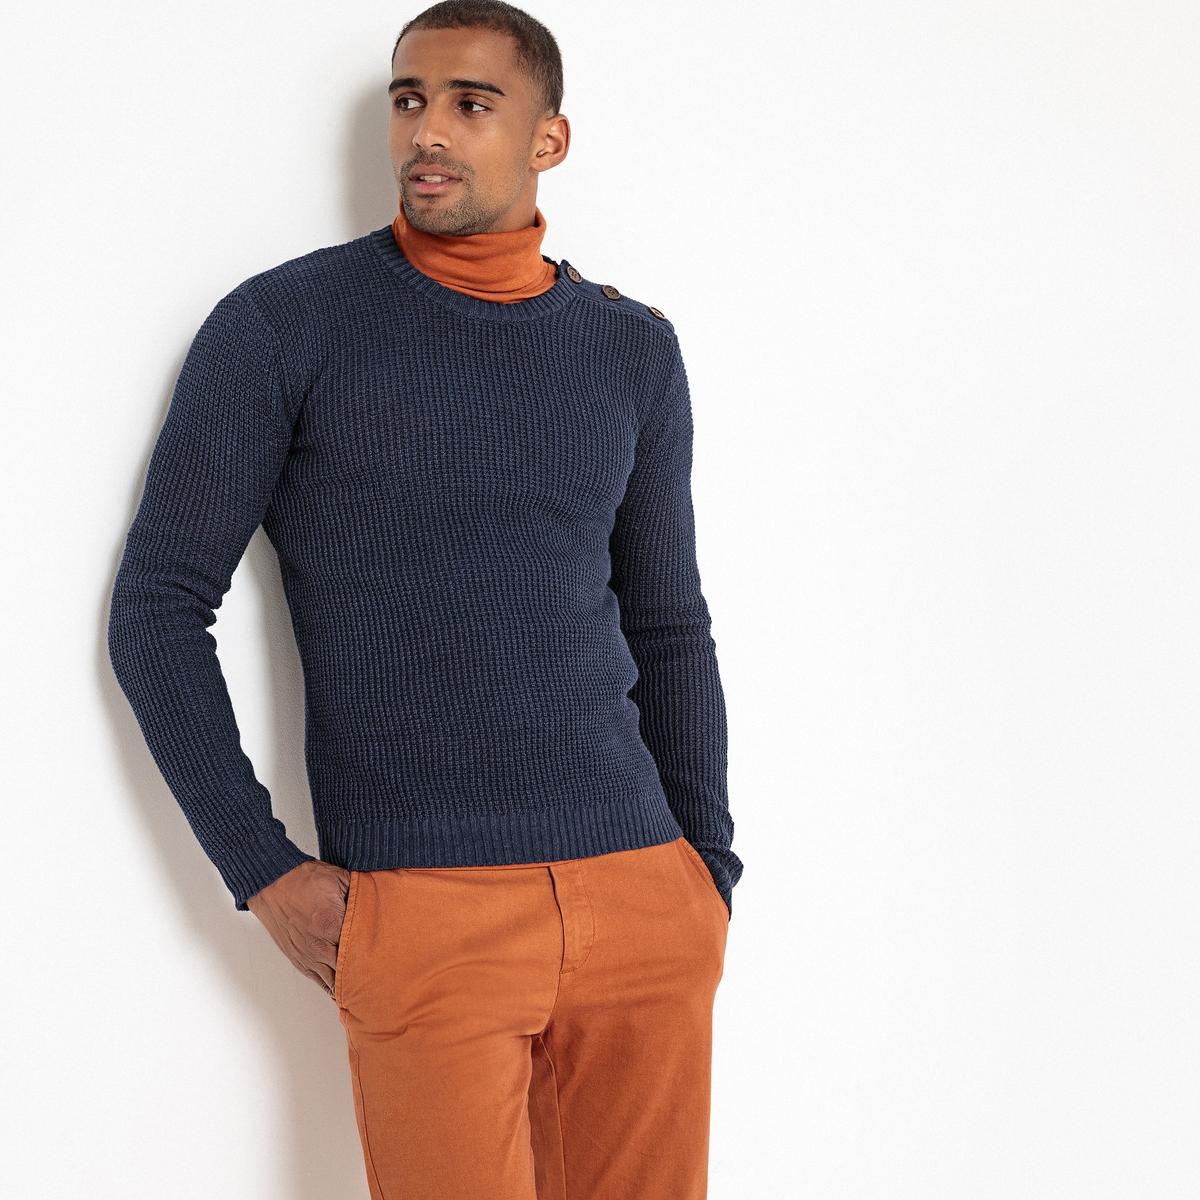 Пуловер La Redoute С круглым вырезом из плотного трикотажа 3XL синий пуловер la redoute с круглым вырезом из плотного трикотажа 3xl бежевый